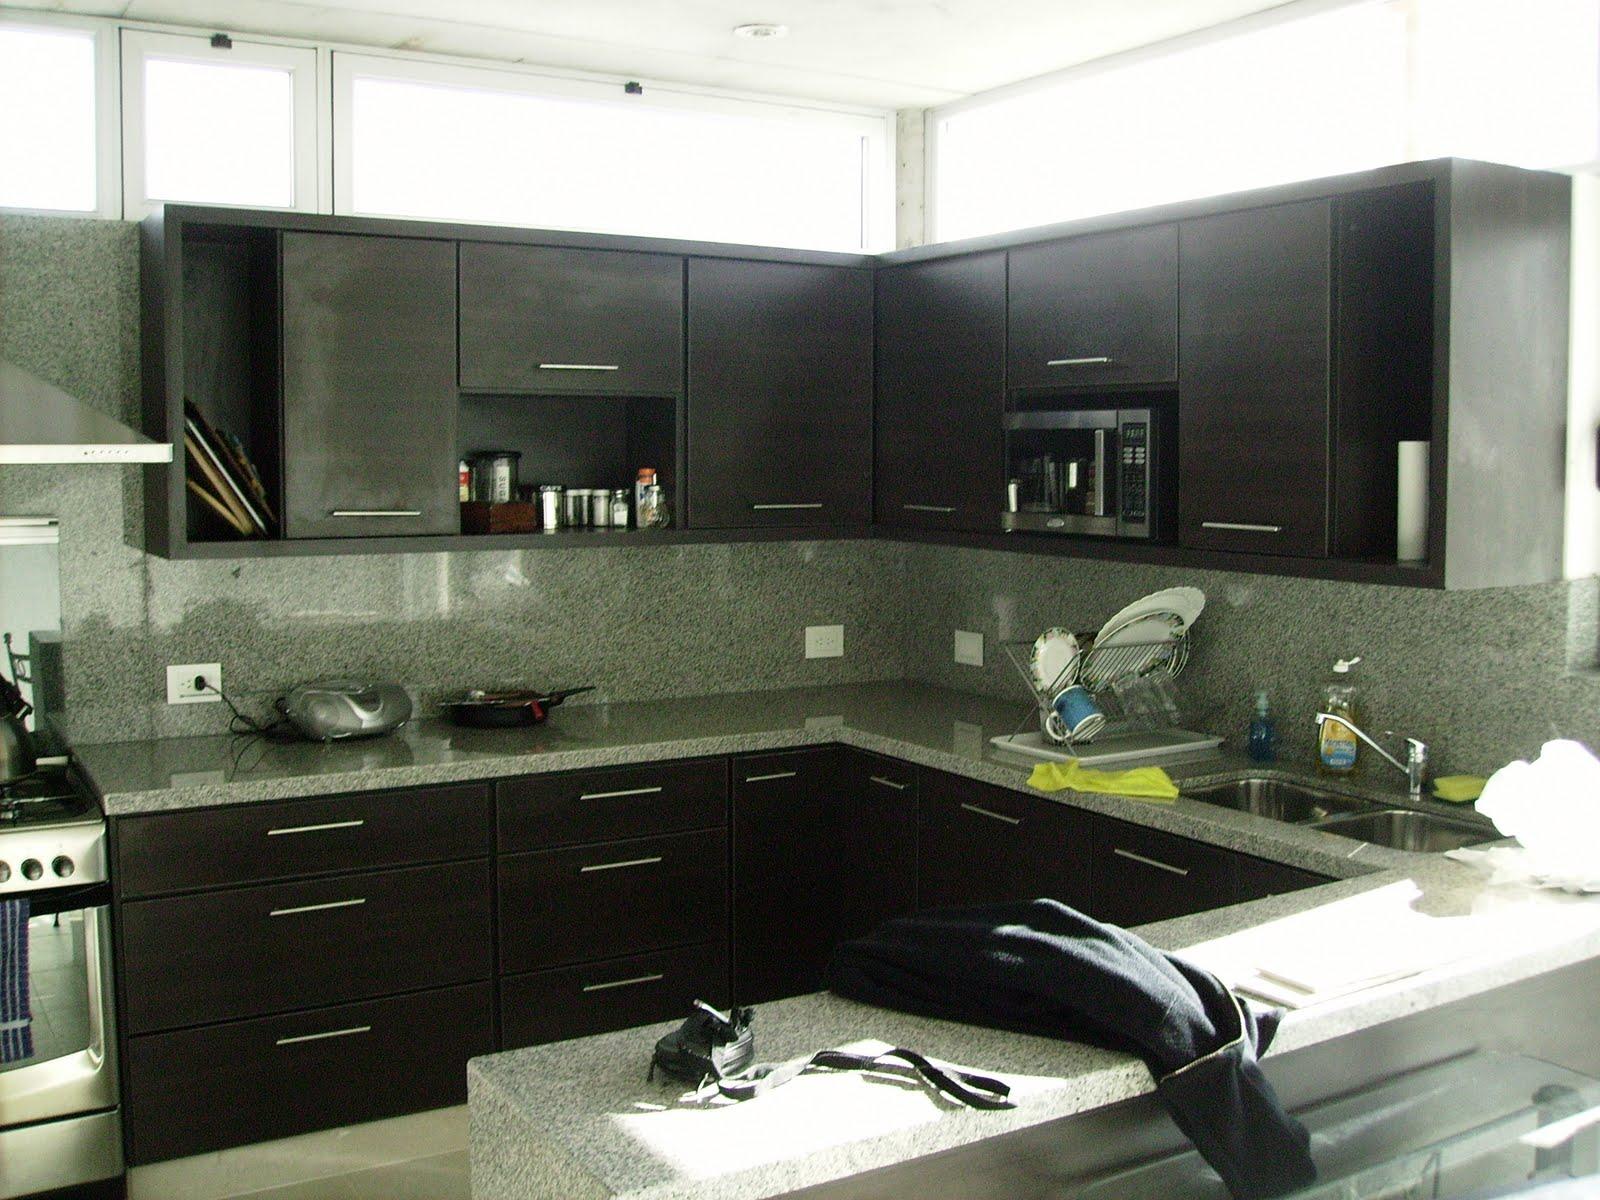 Muebles del bajo mueble de cocina en roble dakar - Cocina roble ...